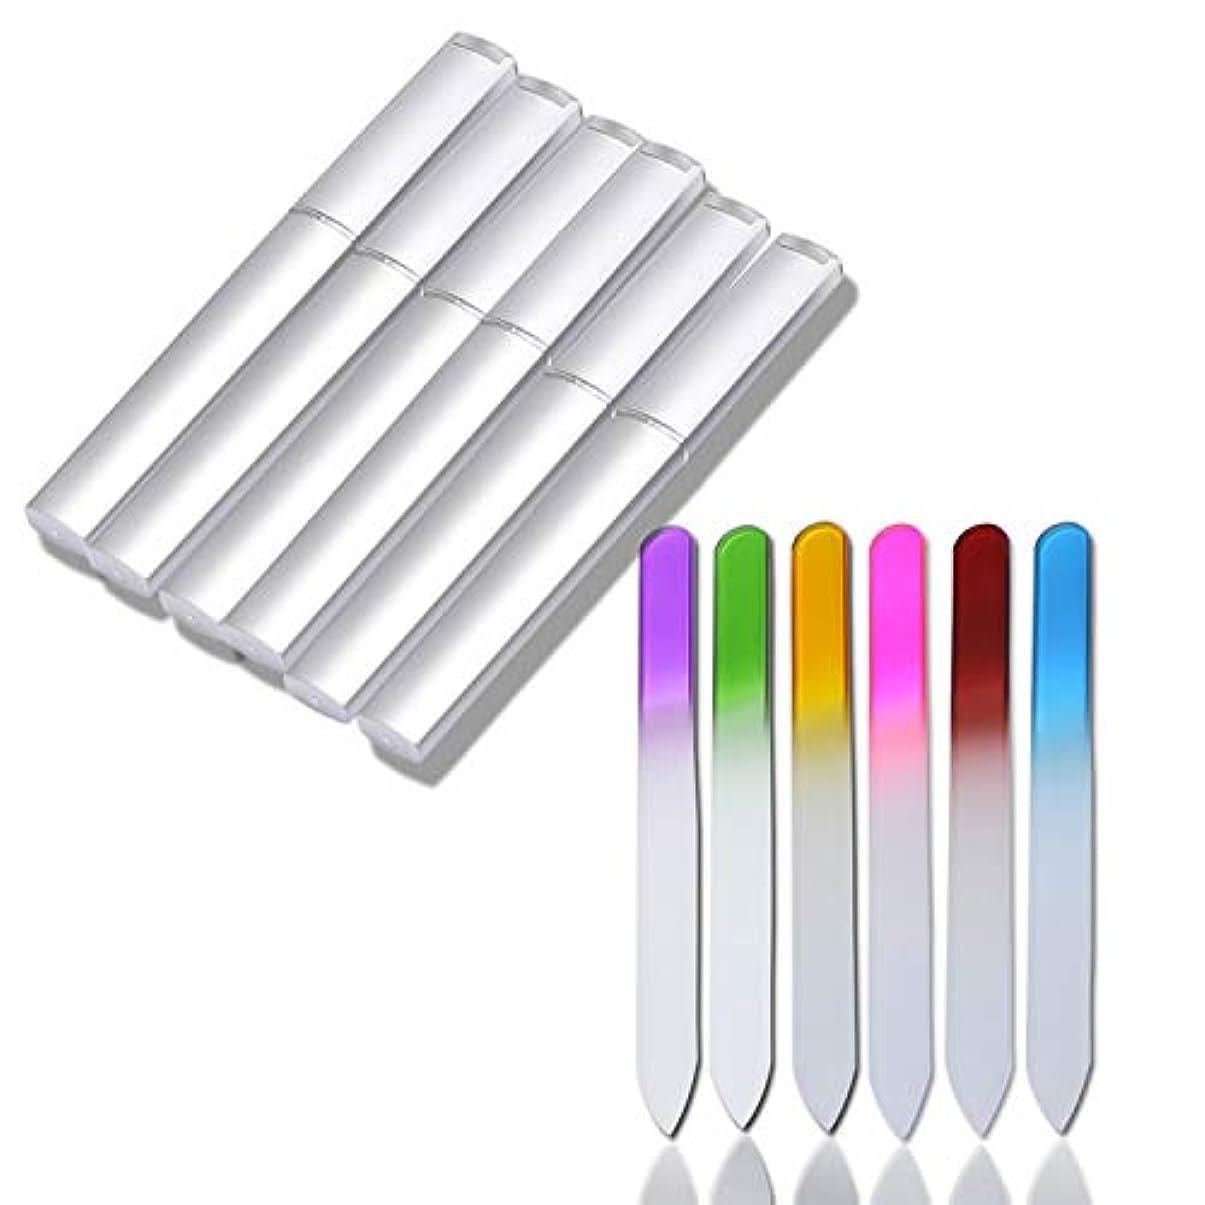 賢明な余分なディレイサリーの店 プリーツクリスタルガラスネイルファイルは、自然とアクリルの爪のケアのための両面爪ファイルを設定